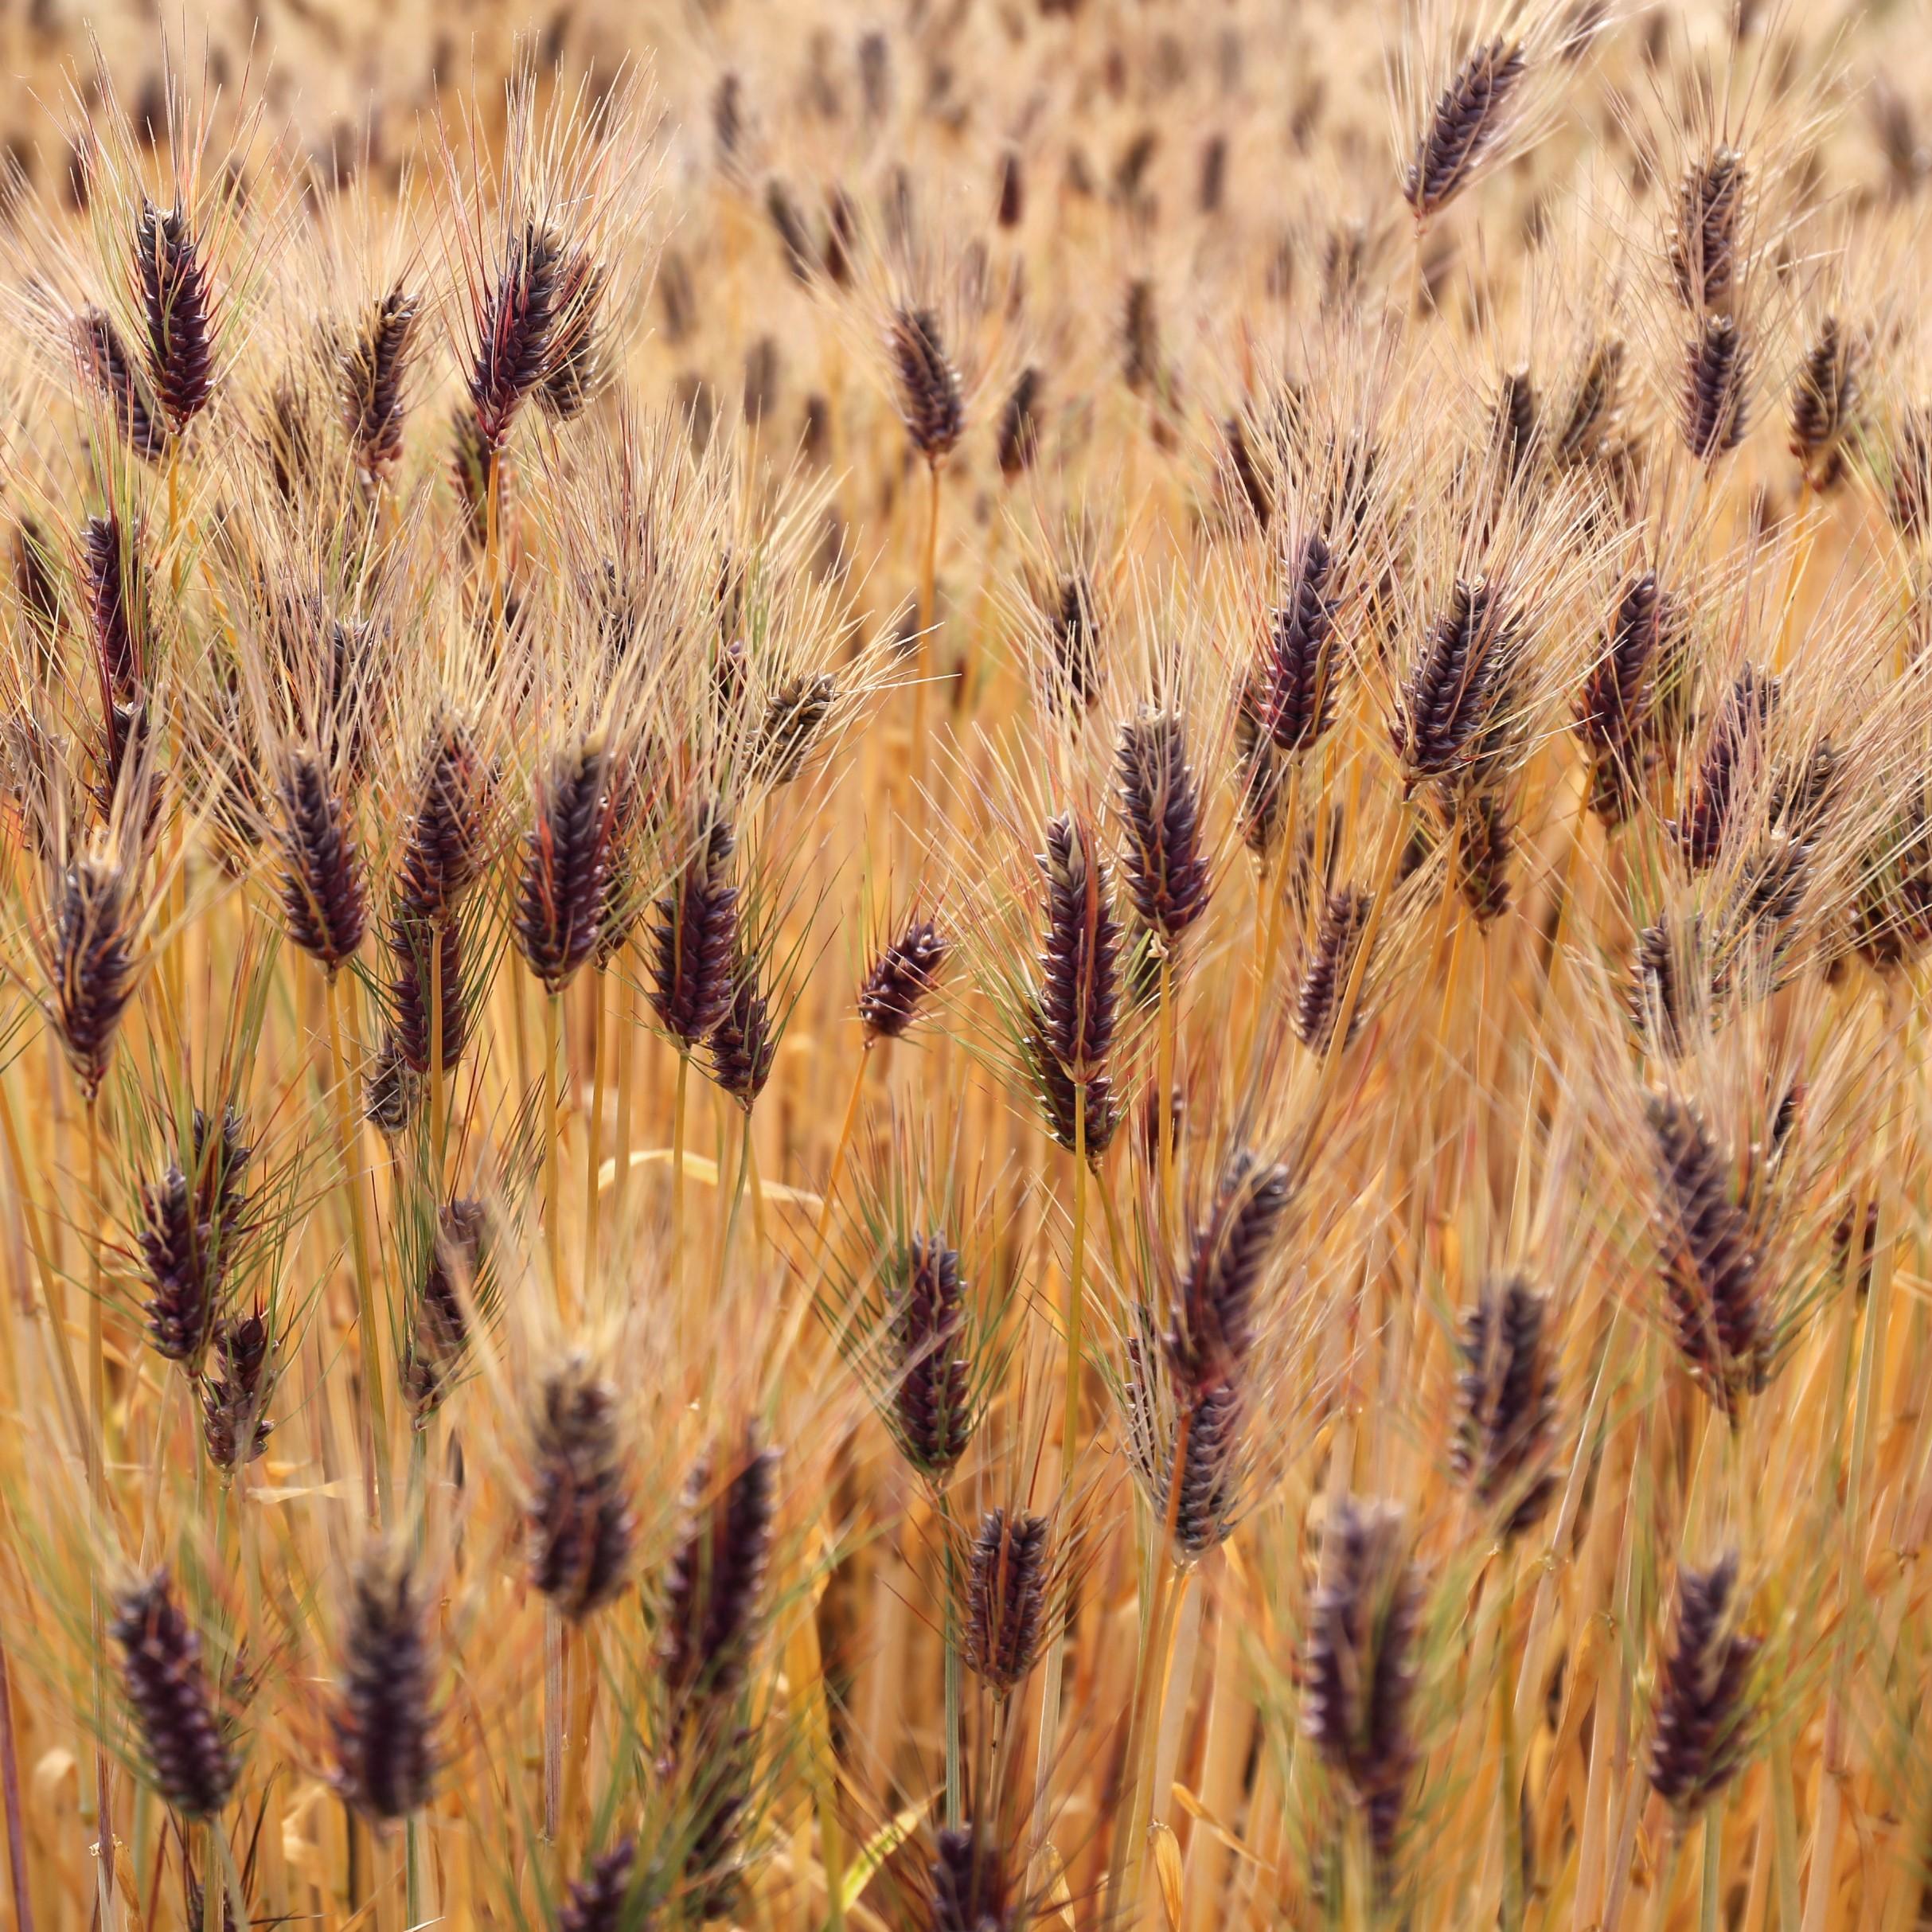 「弘法大師が唐から麦の種を持ち帰った」という伝説が残るほど、香川県善通寺市では古くからもち麦が盛んに栽培されていました。善通寺市にゆかりのある弘法大師にちなんで「ダイシモチ」と名付けられました。紫色の穂が特徴で、アントシアニンという色素により、穂や麦わらの外皮が 紫色に着色するため、収穫時期には田畑一面が紫色に染まります。